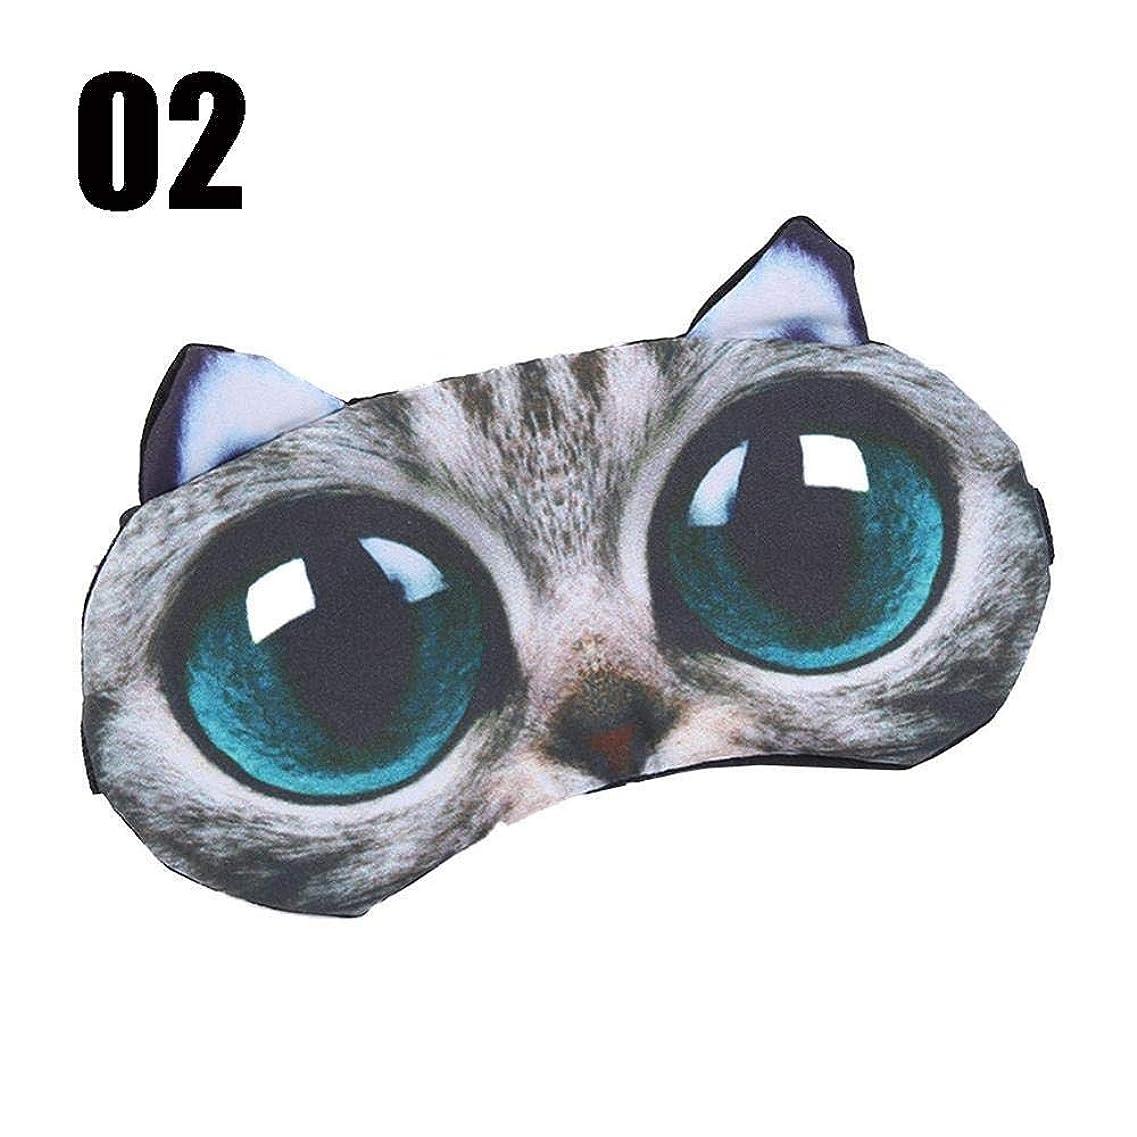 メカニックロードハウス冷蔵庫NOTE クリエイティブ猫睡眠マスクアイマスクアイシェードカバーシェードナチュラル睡眠アイパッチ女性男性3d漫画かわいいソフトトラベル目隠し